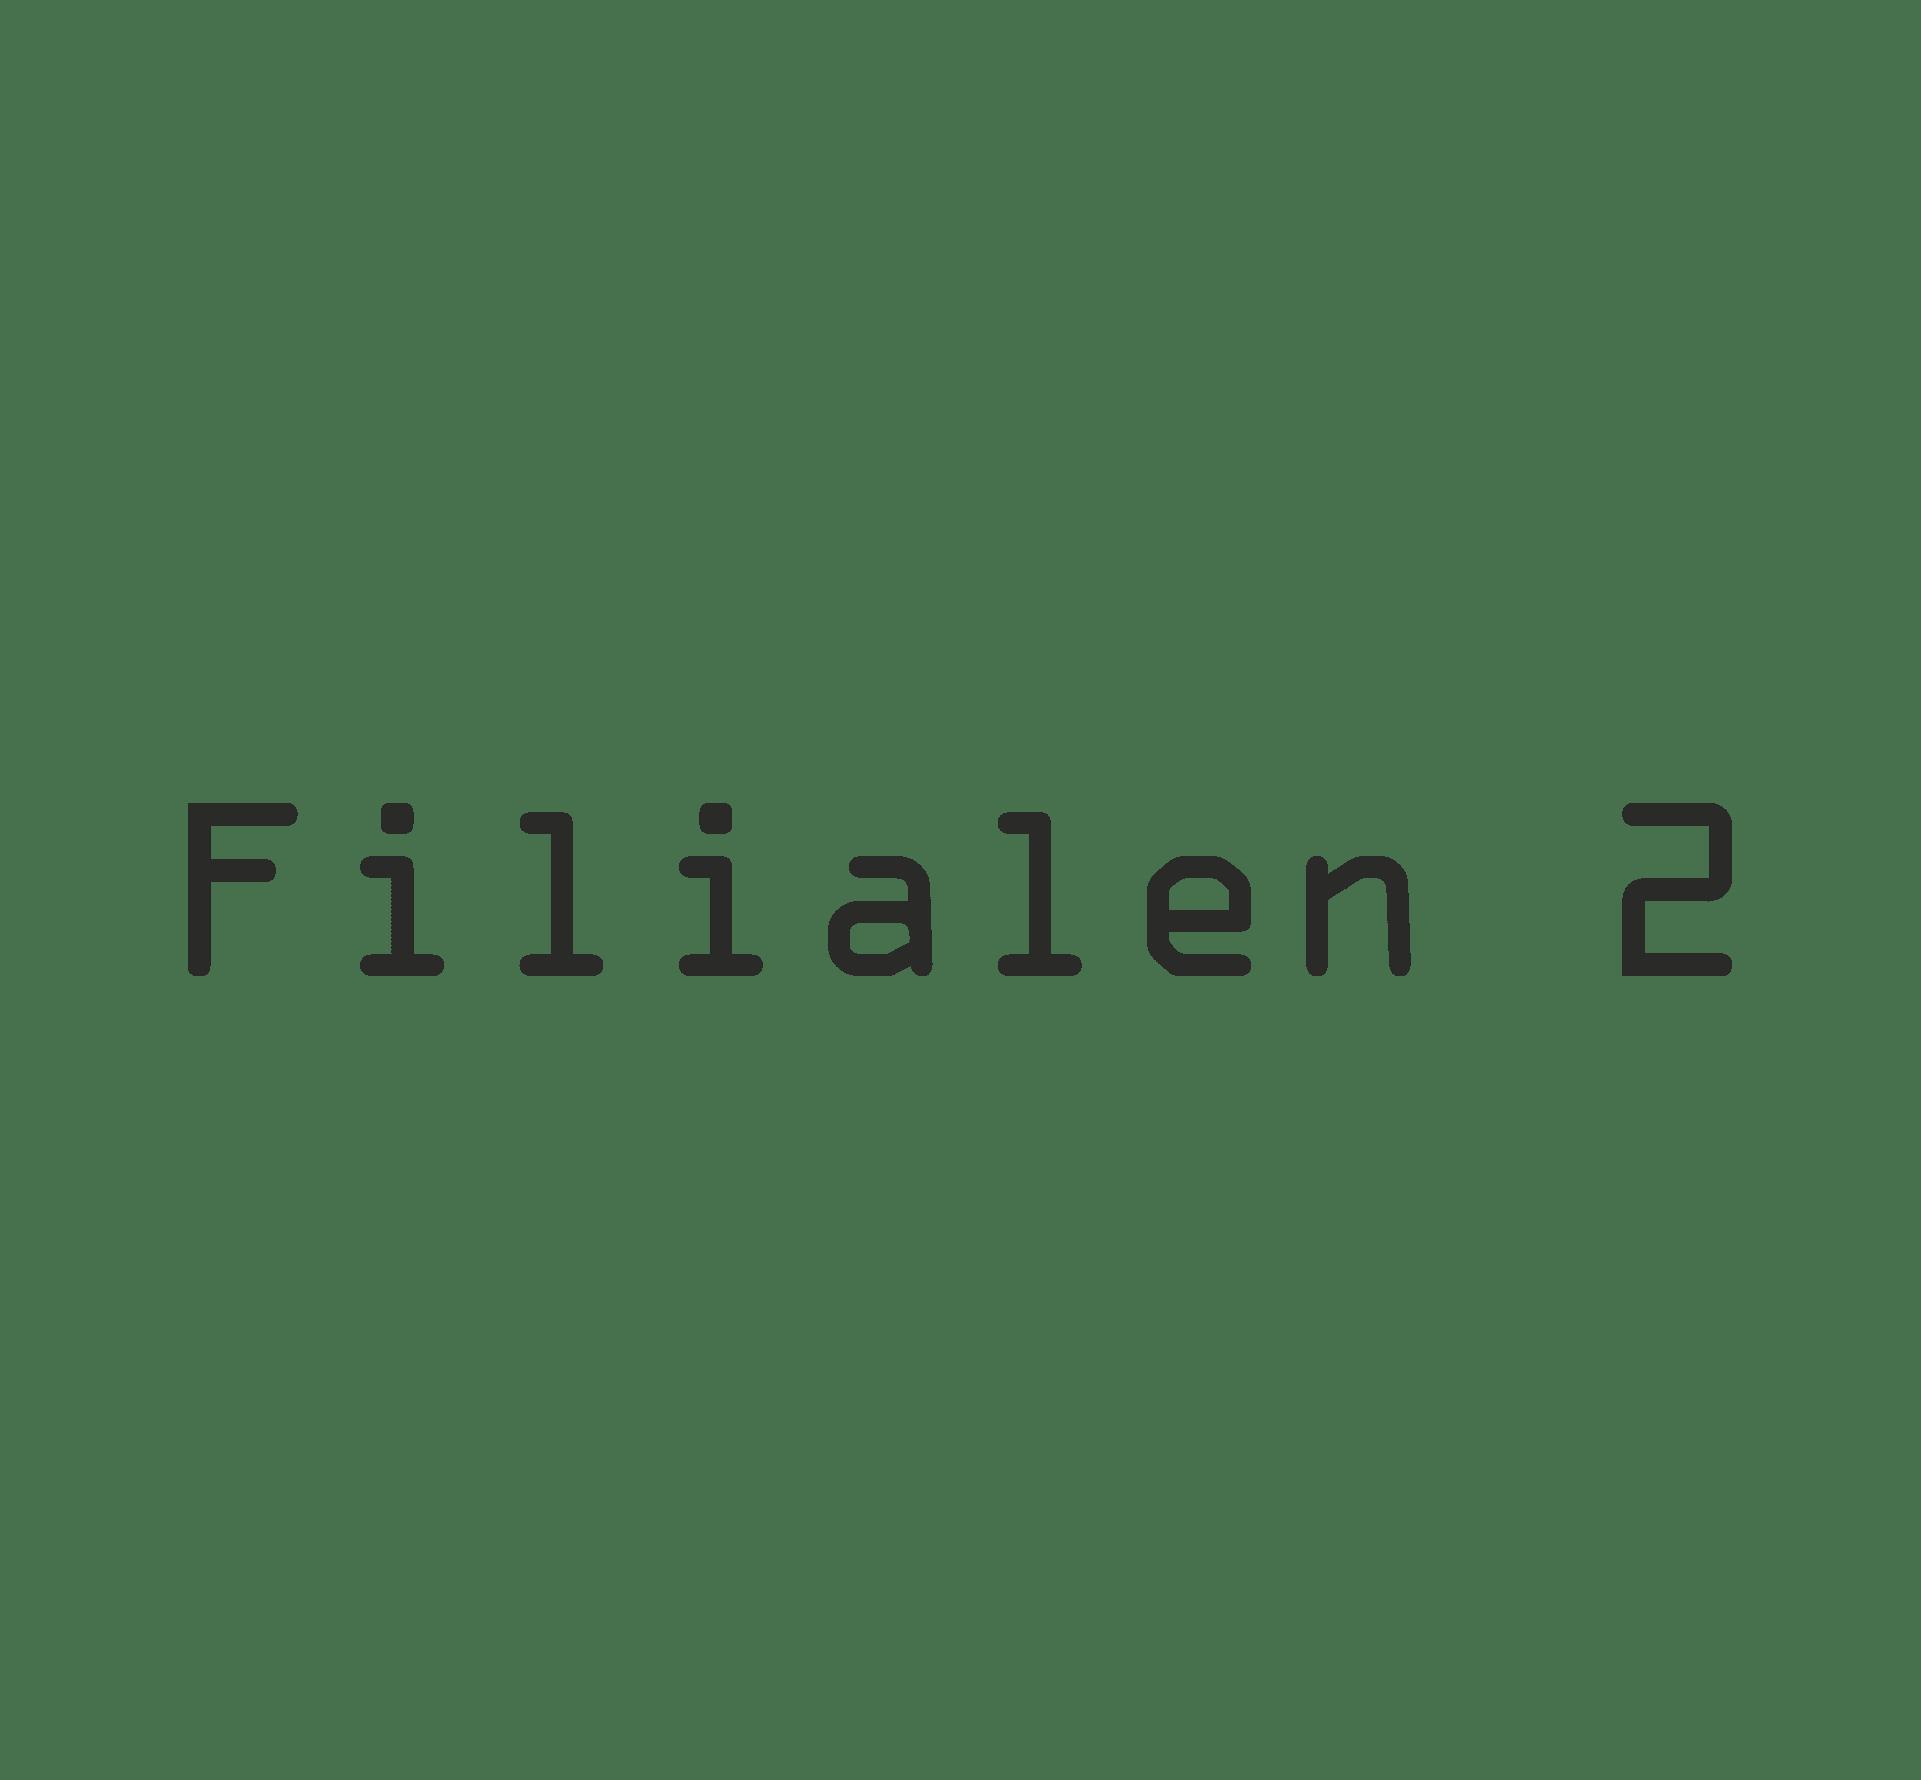 filiale2-text